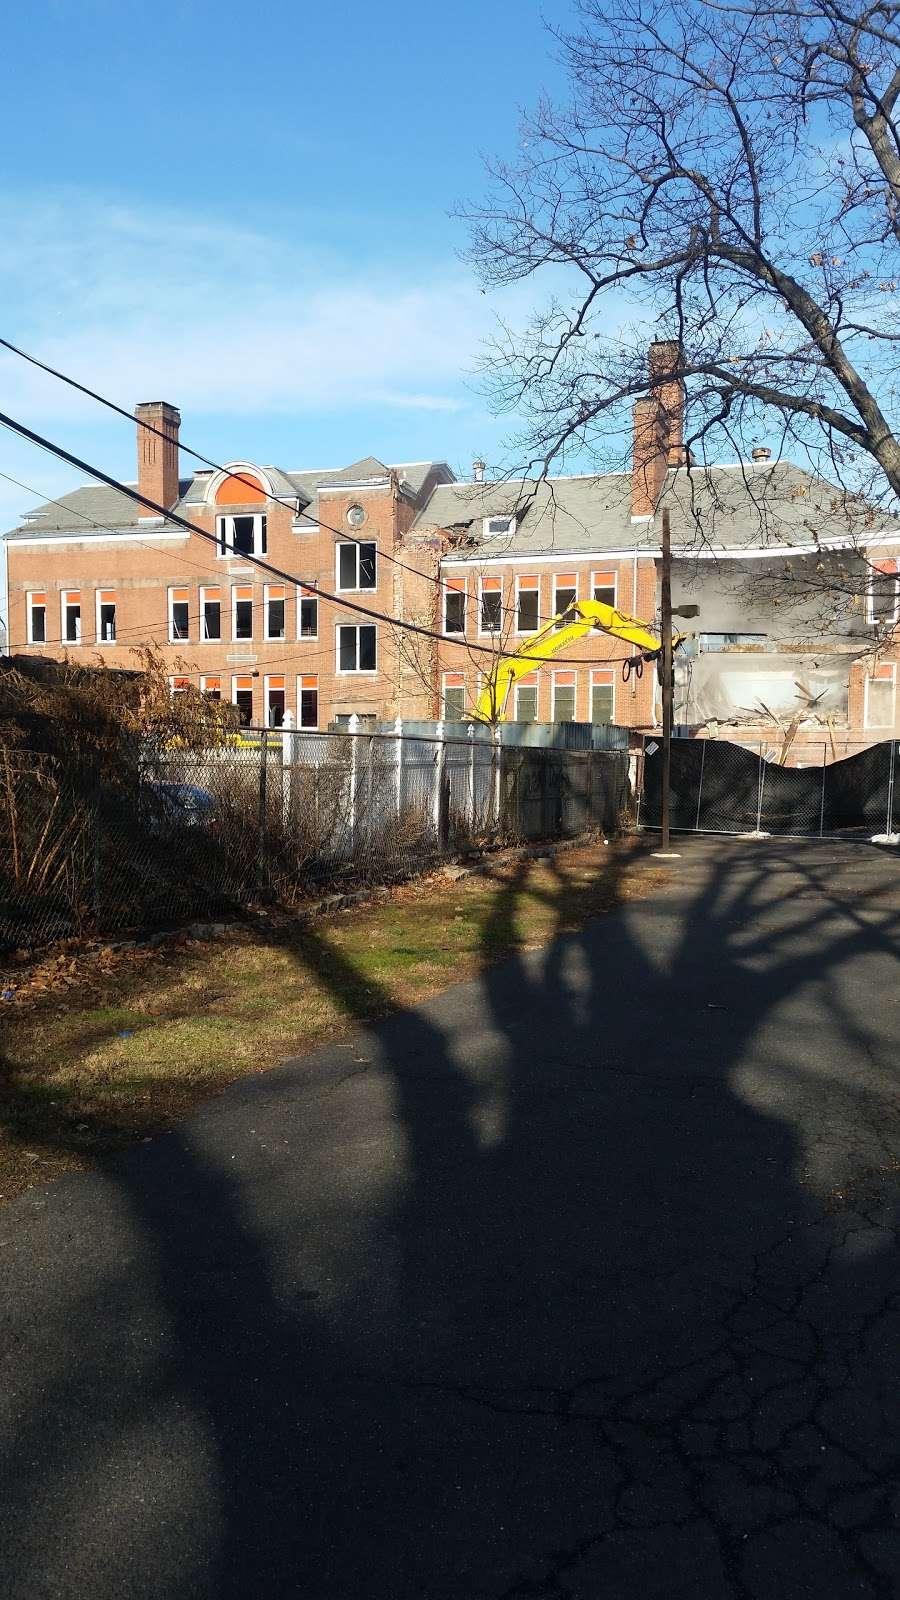 Columbian Playground - park  | Photo 6 of 7 | Address: 143 Springdale Ave, East Orange, NJ 07017, USA | Phone: (973) 414-4141